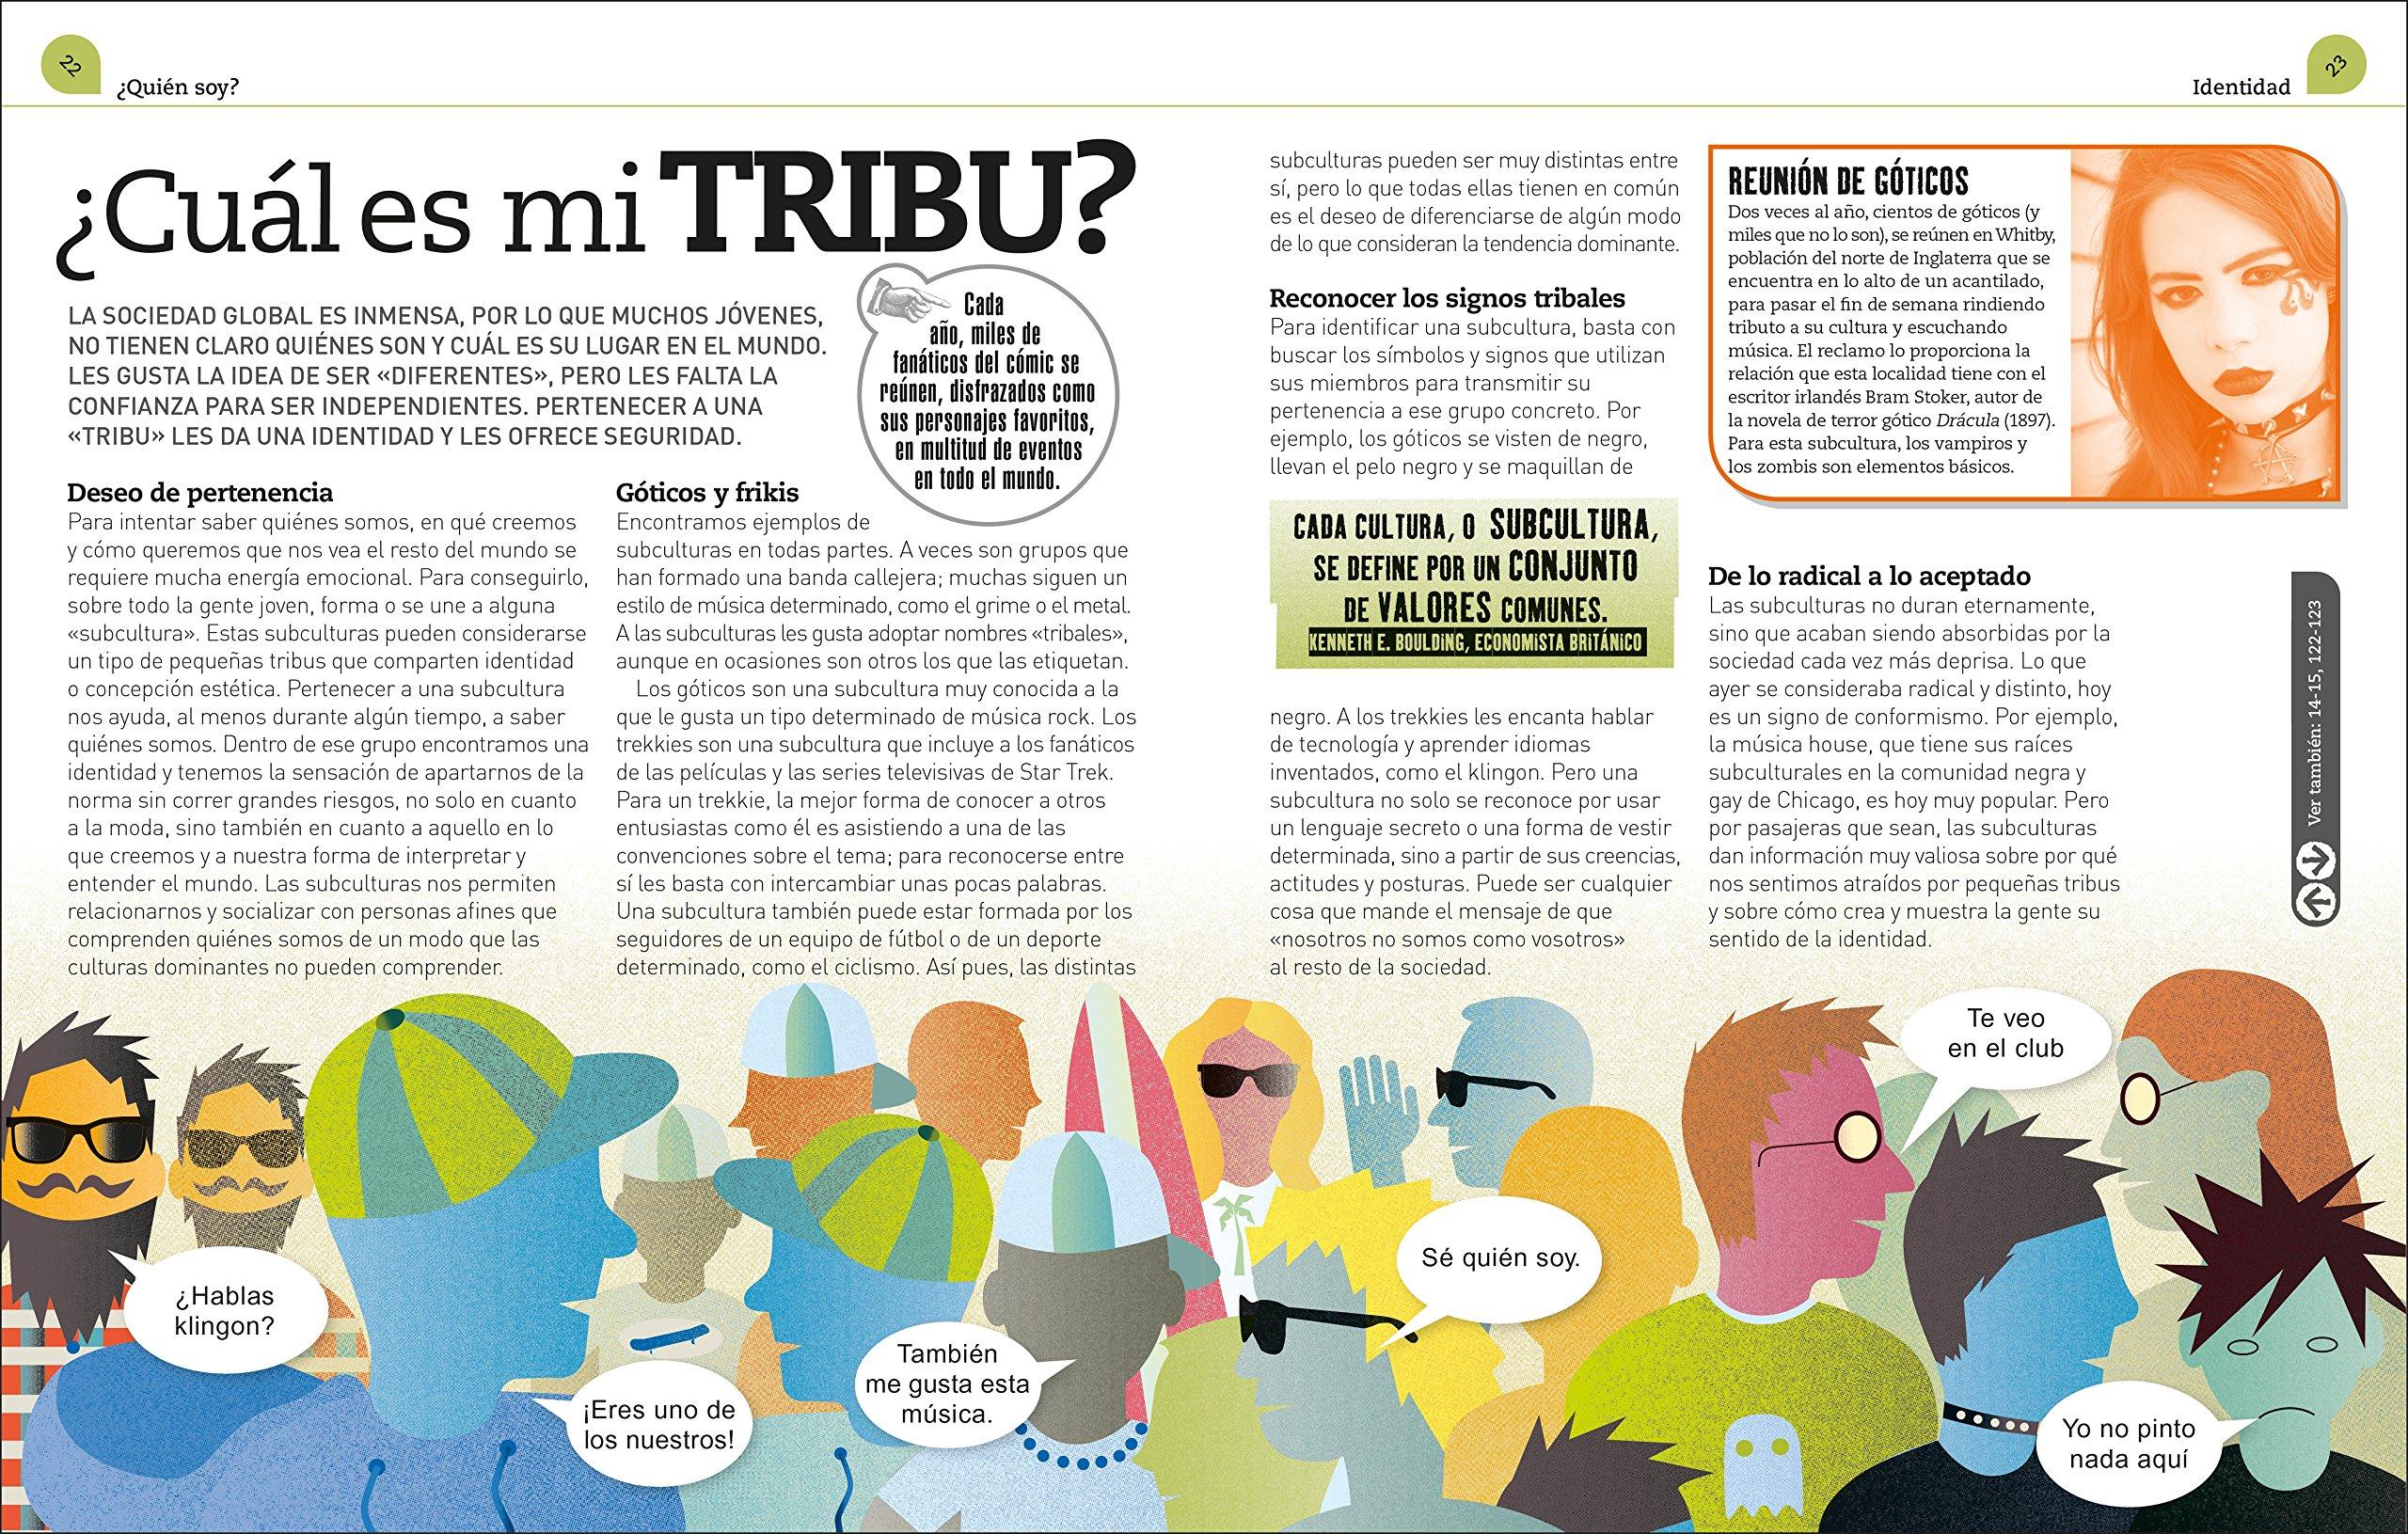 Amazon.com: Sociología para Mentes Inquietas (Heads UP) (Spanish Edition) (9781465473806): DK: Books